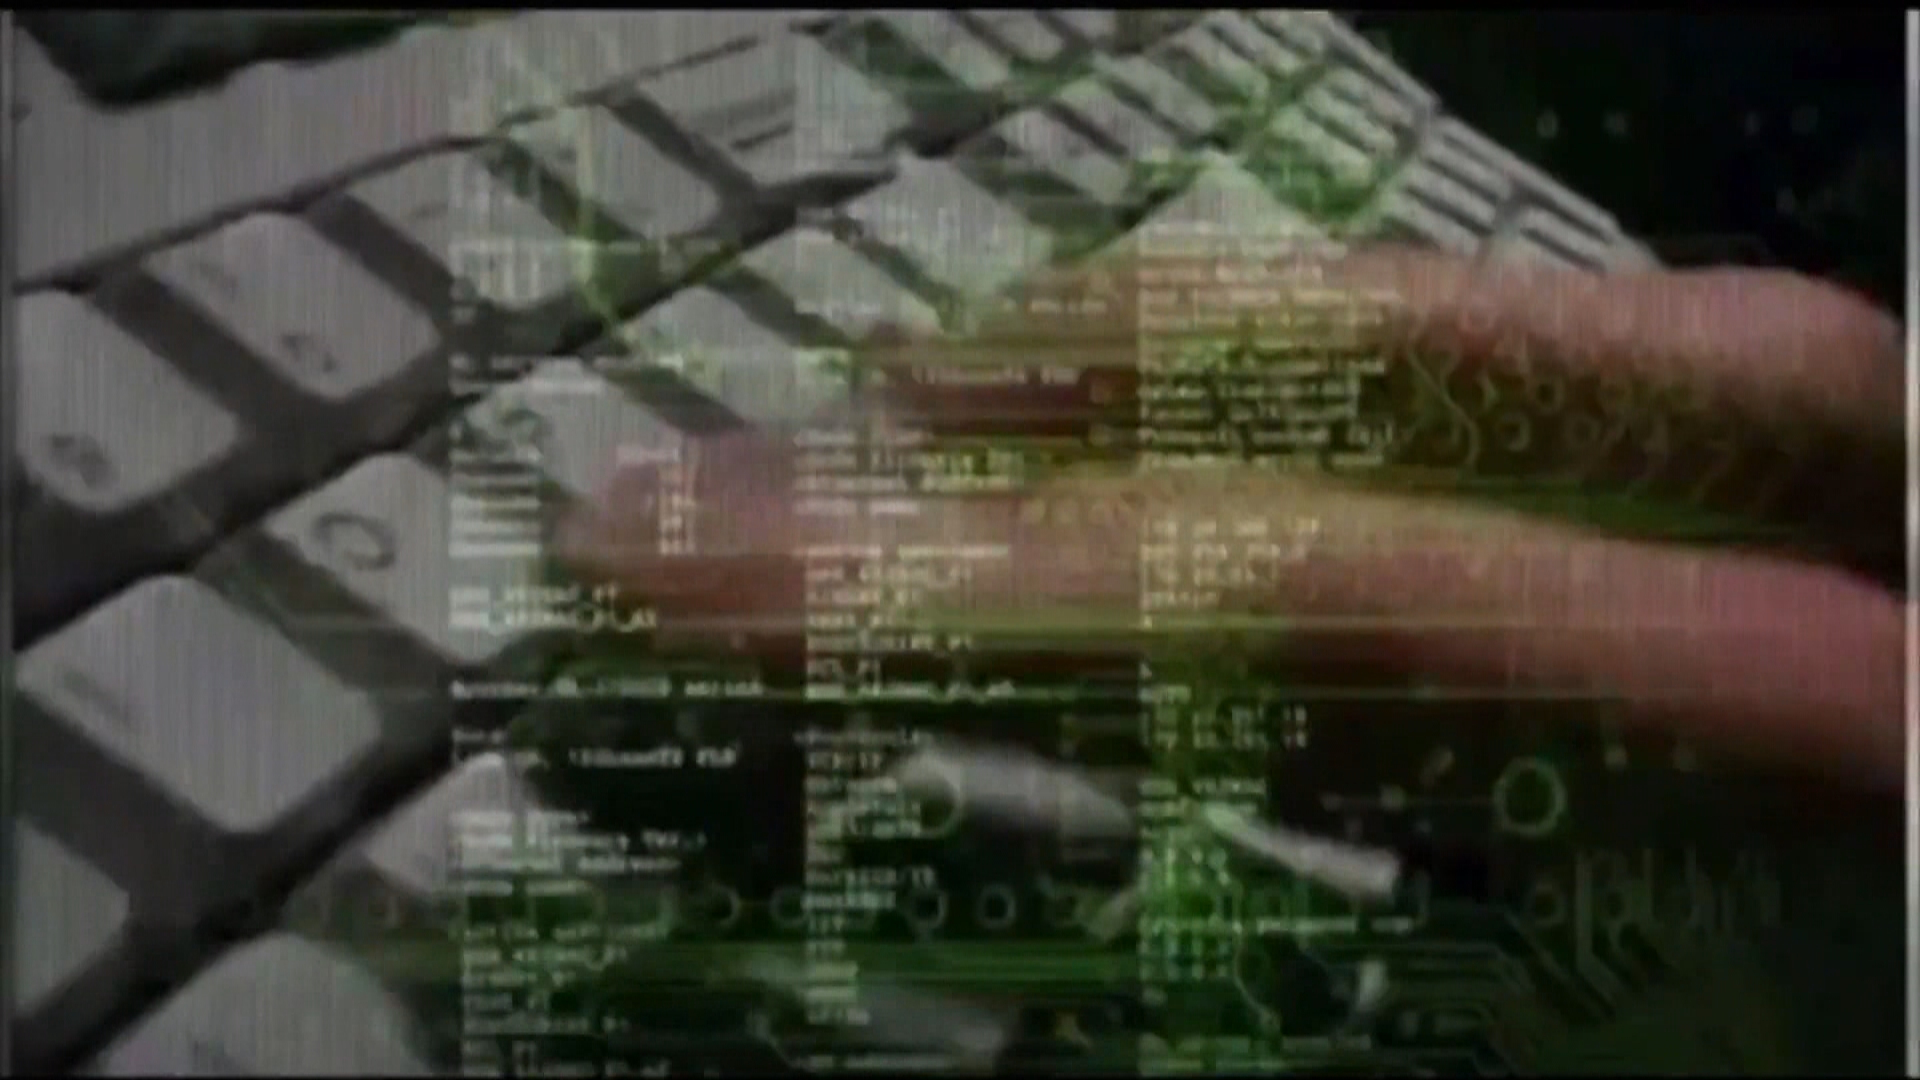 hacking_1541456977129.jpg